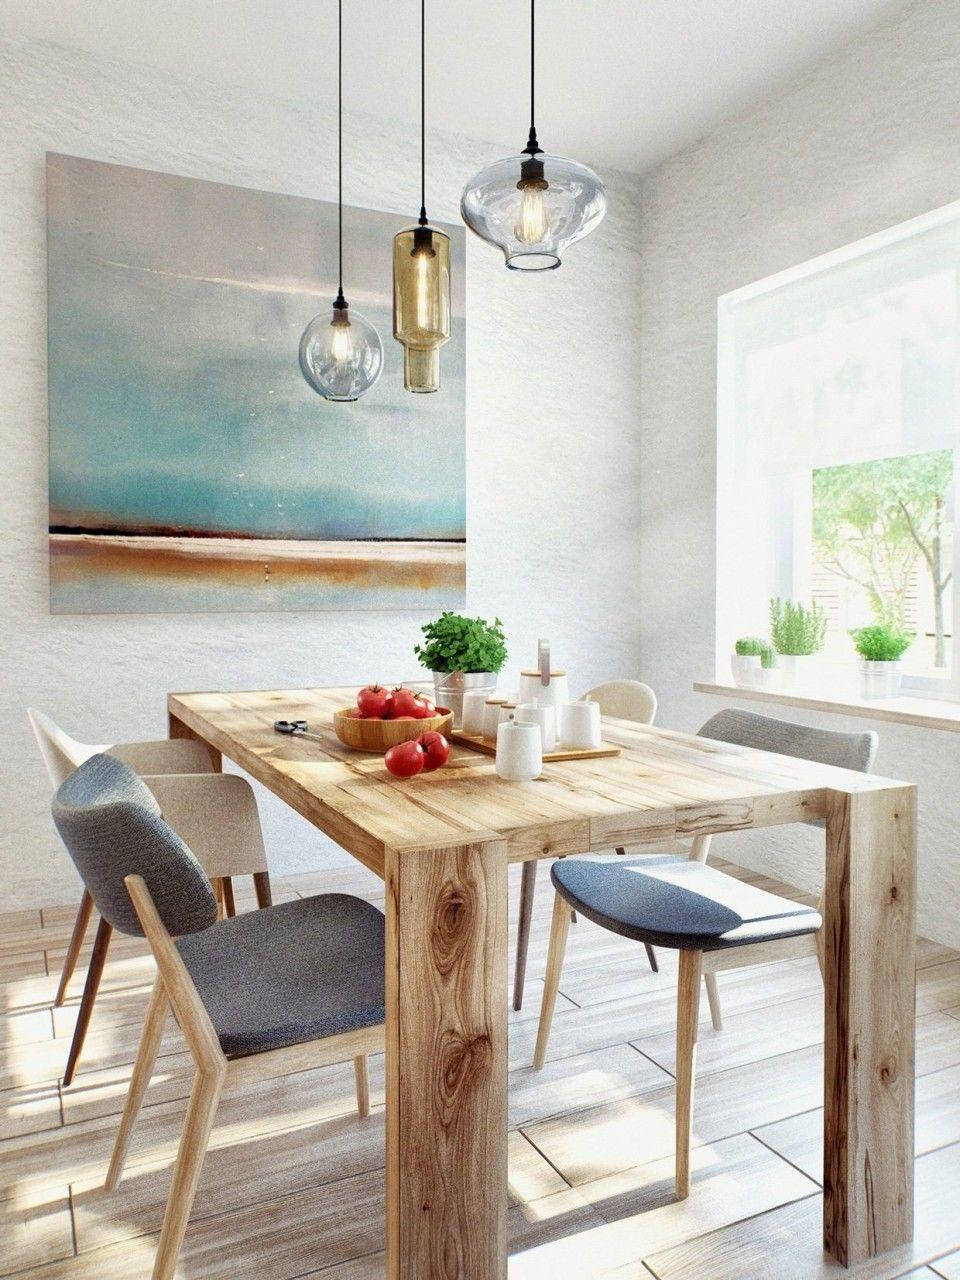 lovely scandinavian style interior design | DESAIN SCANDINAVIAN DAN MID-CENTURY | Living Loving – For ...